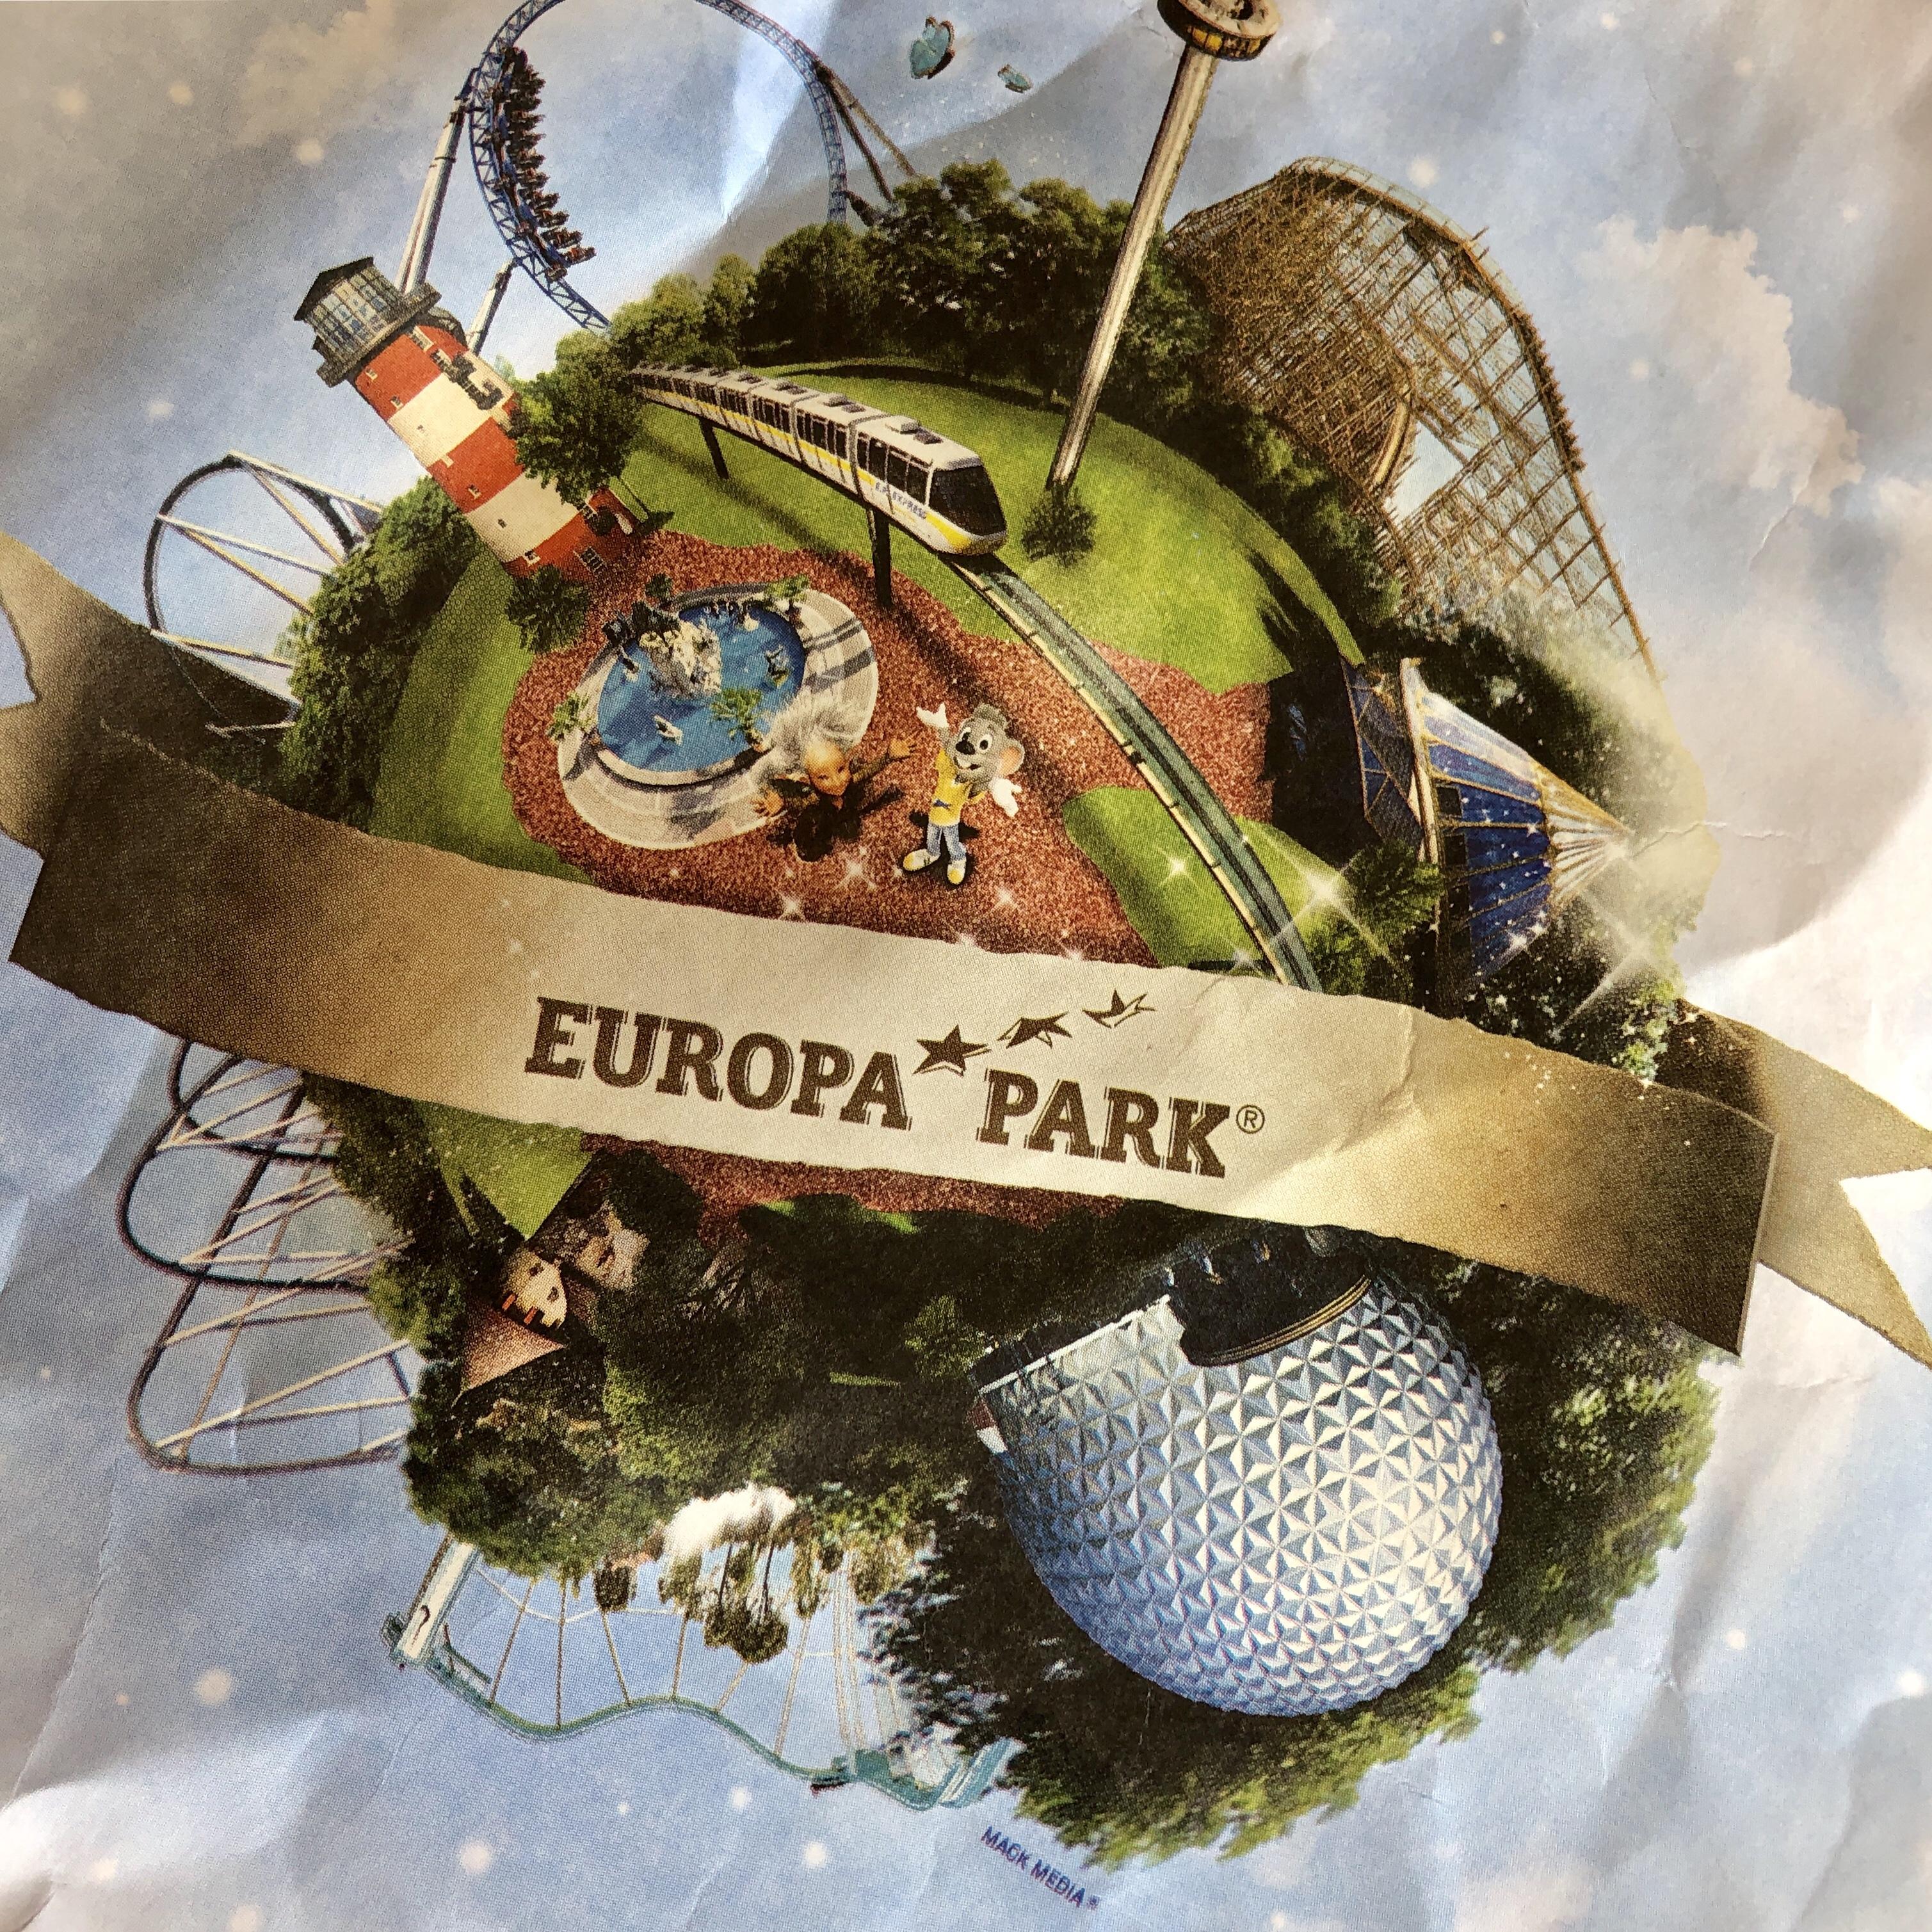 uitje, europa park